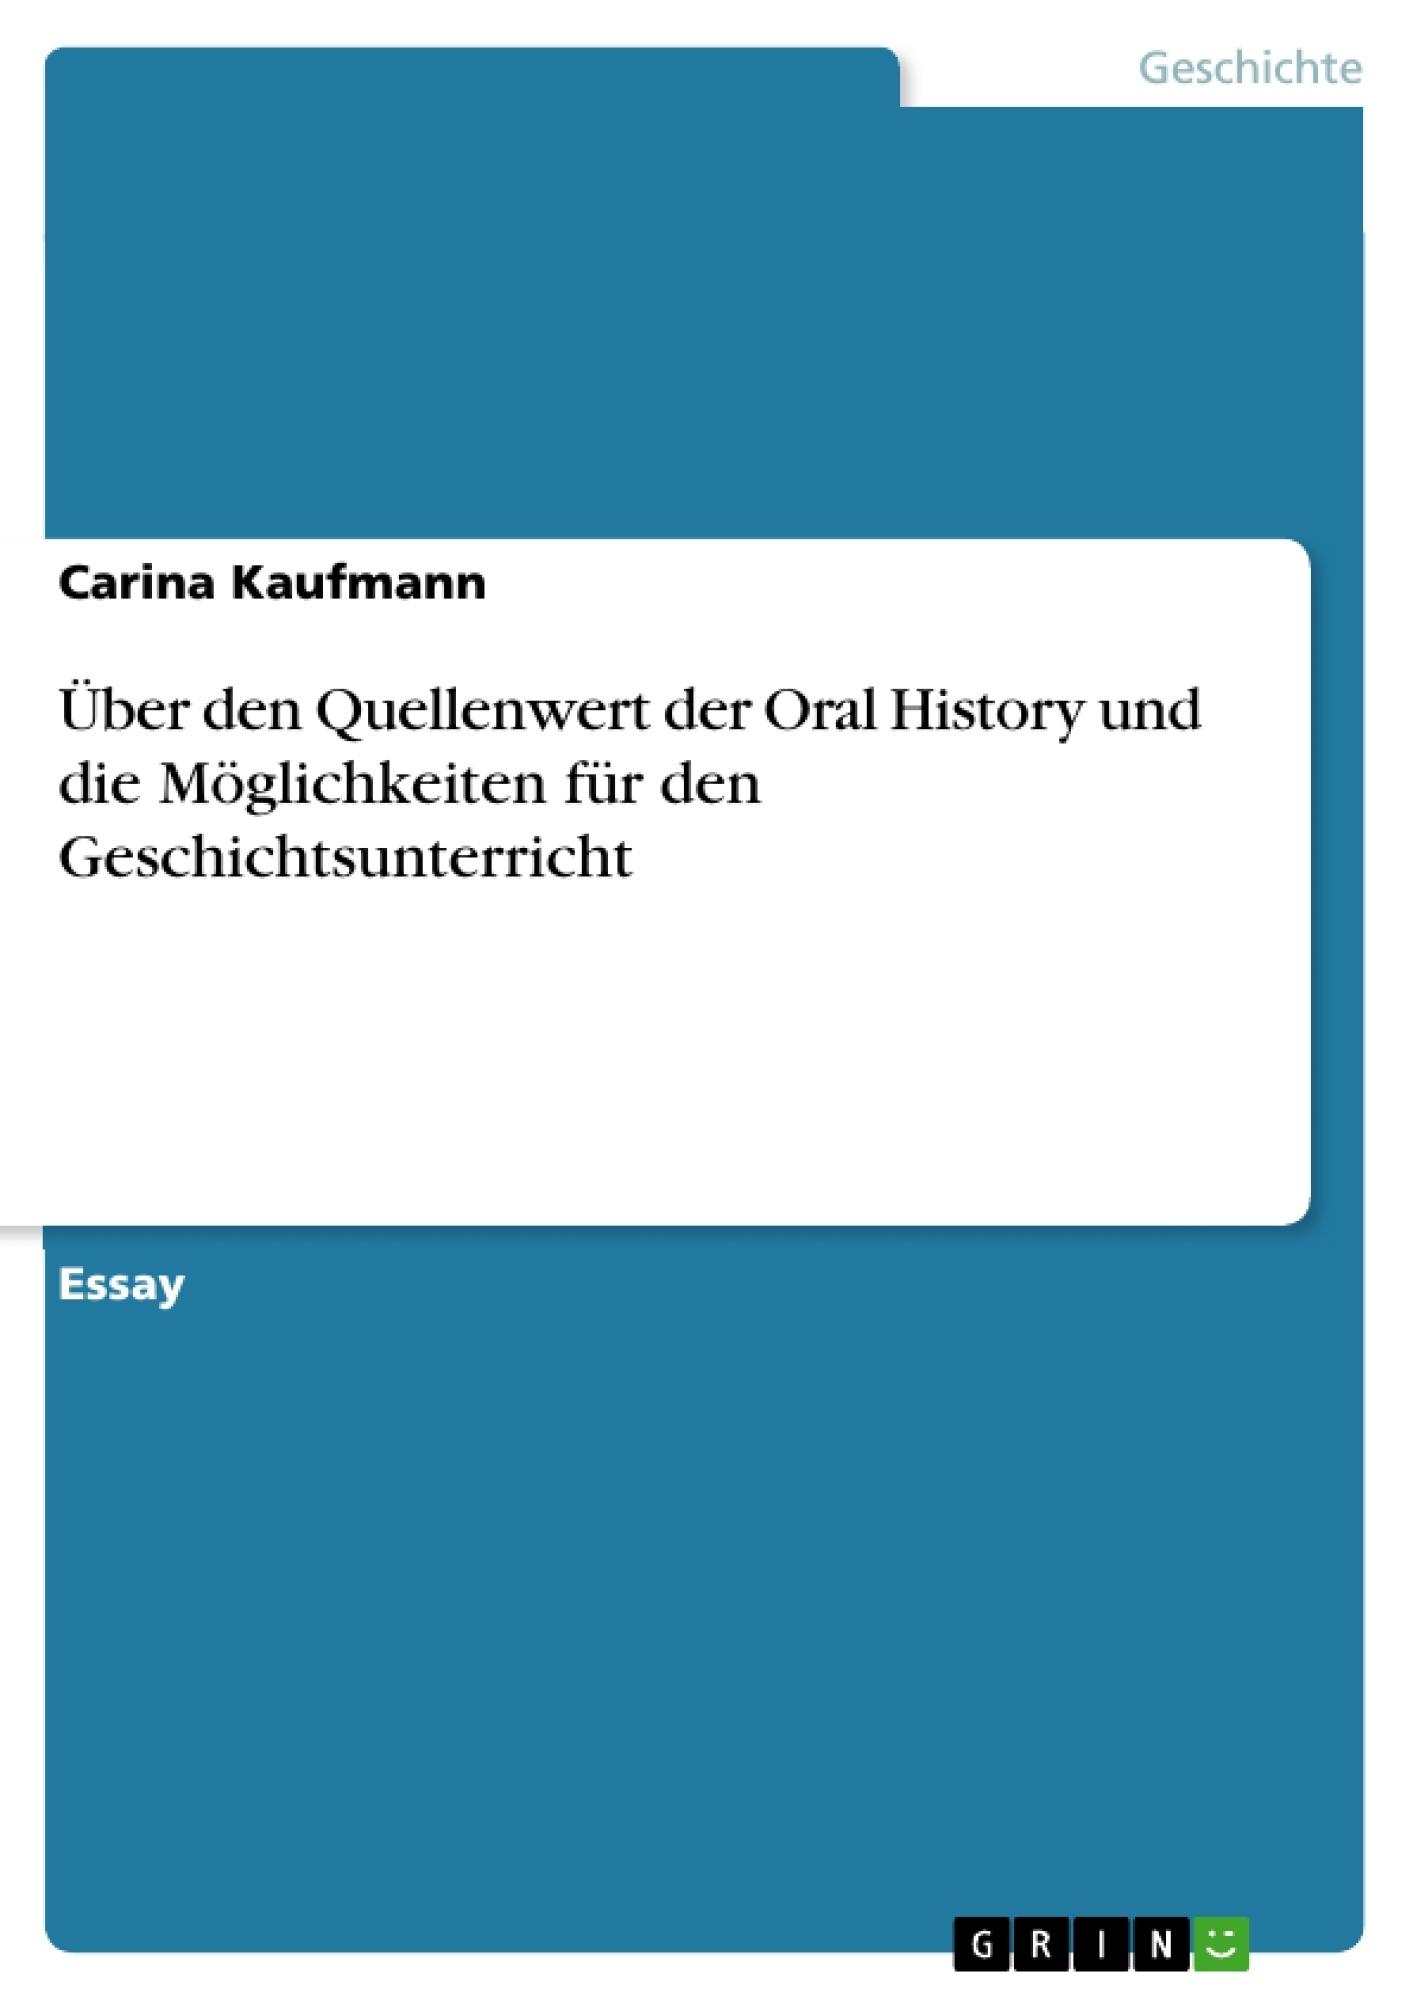 Titel: Über den Quellenwert der Oral History und die Möglichkeiten für den Geschichtsunterricht